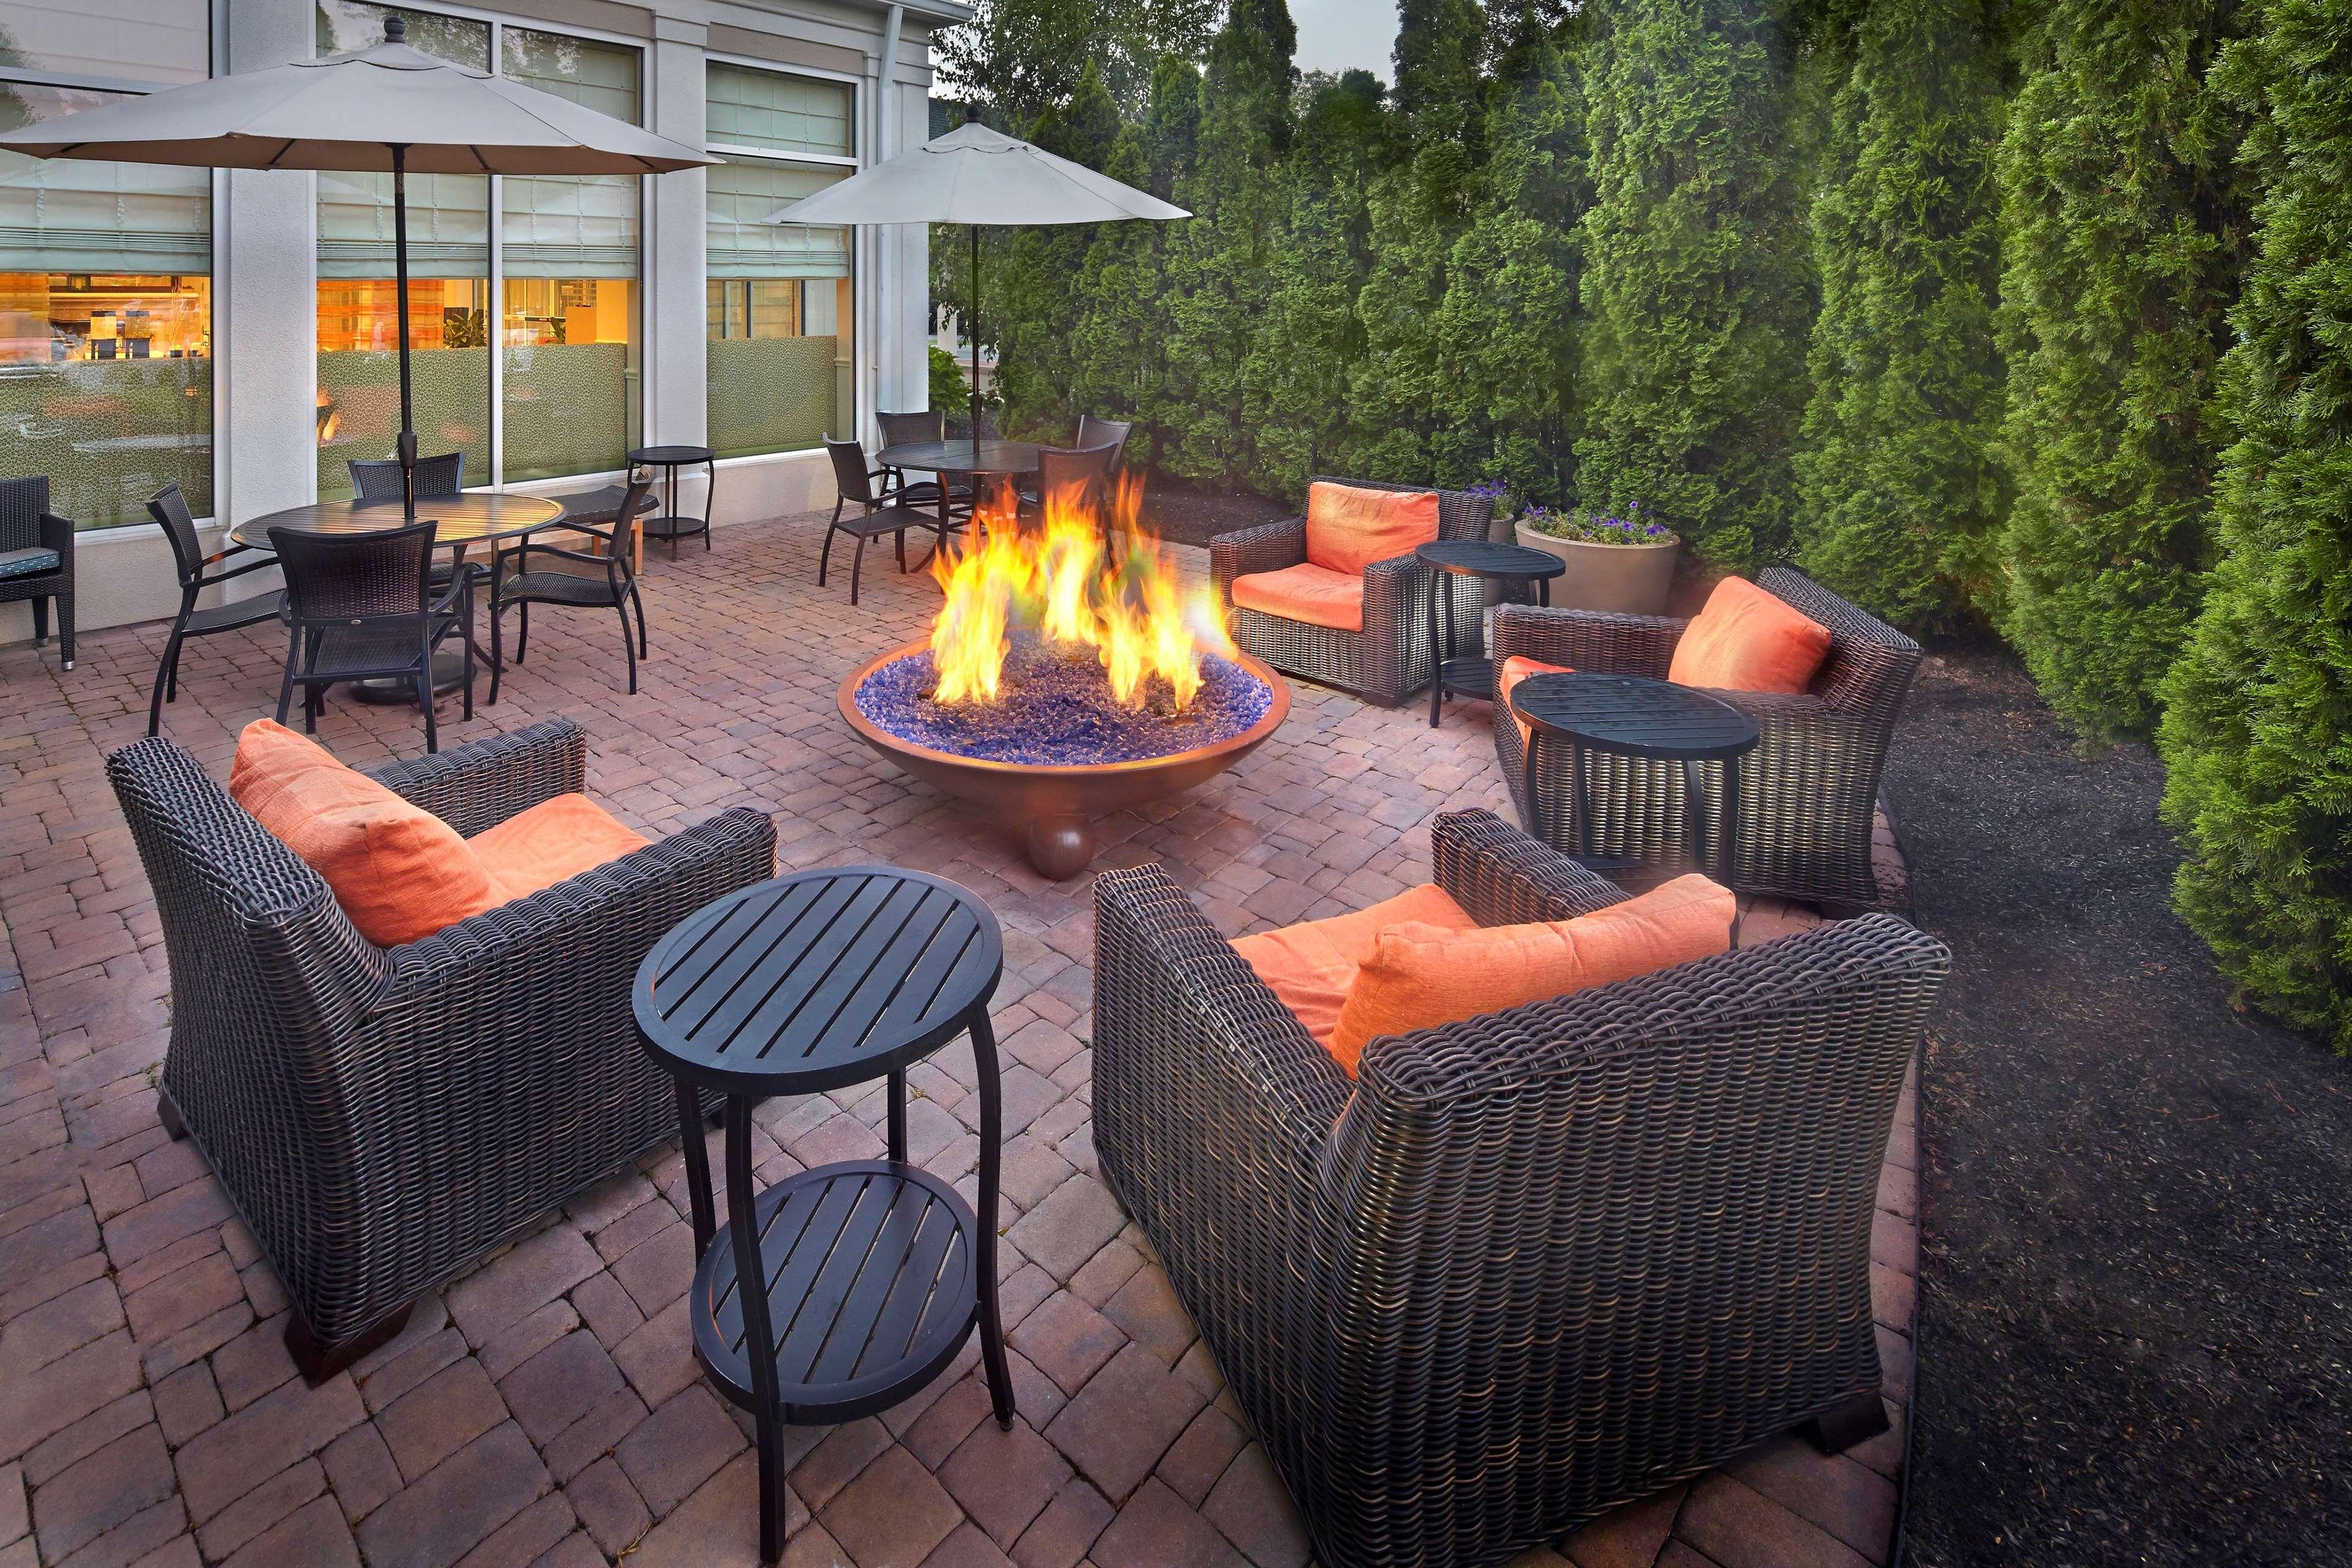 Hilton Garden Inn Danbury image 1